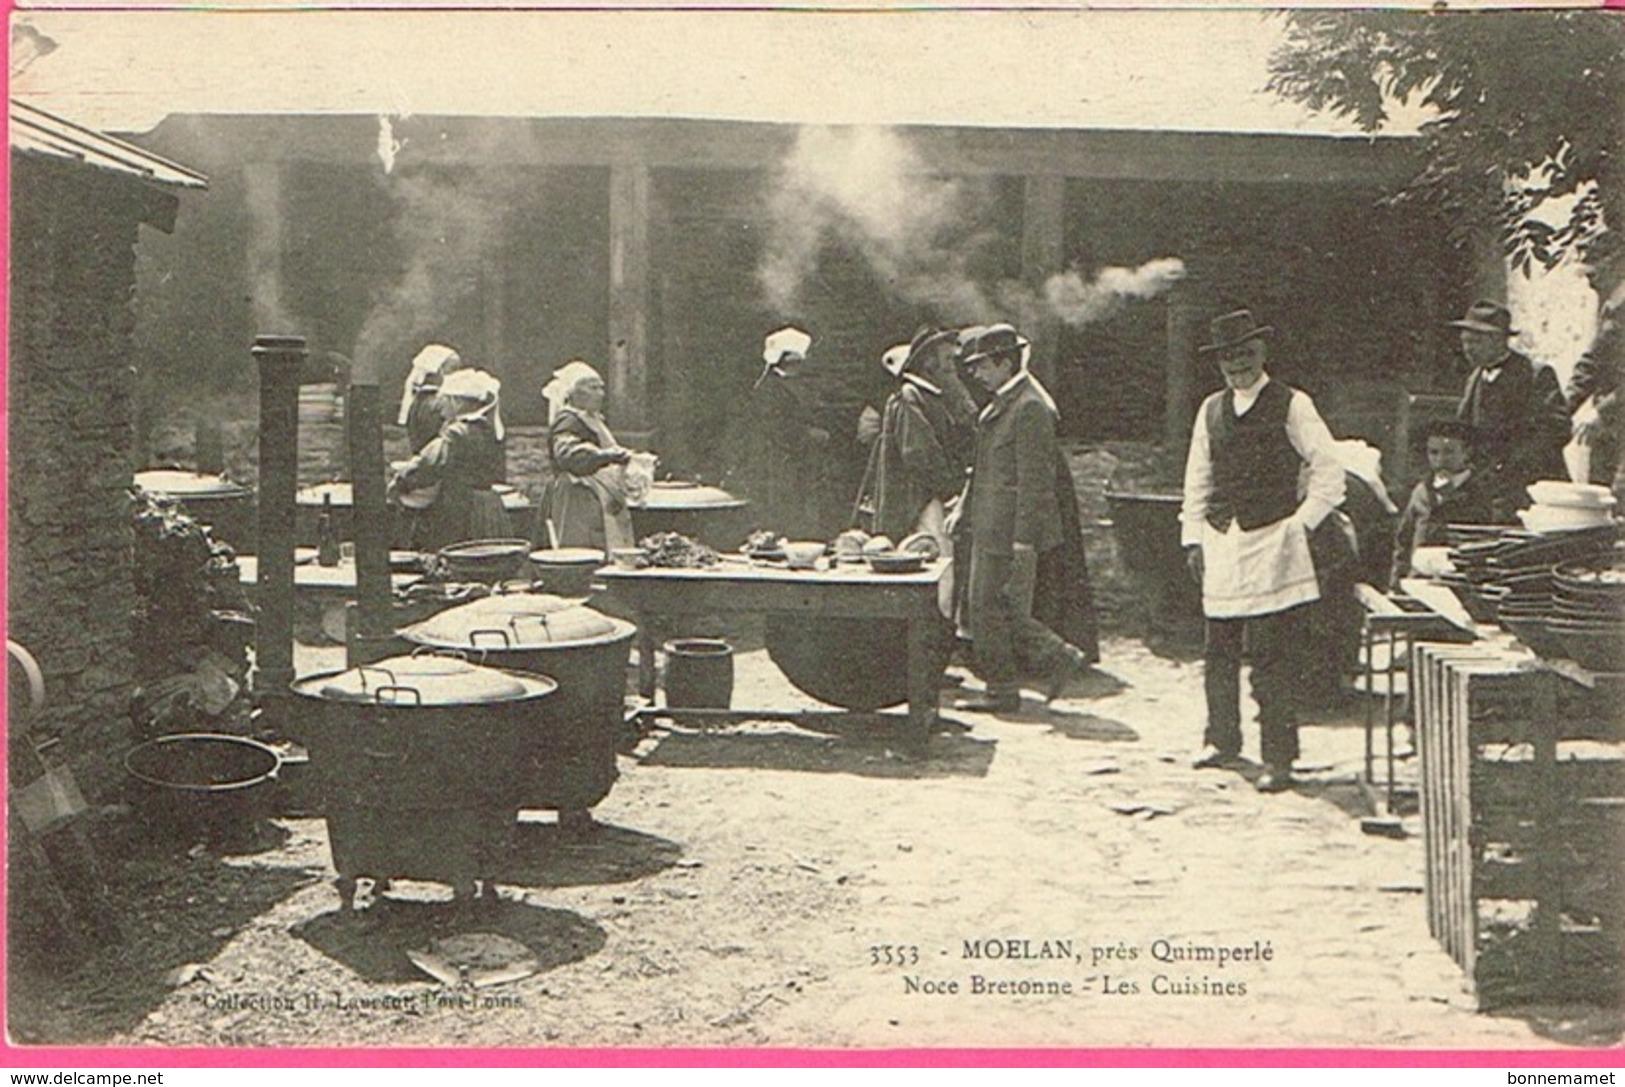 29 - MOËLAN Près QUIMPERLÉ - Noce Bretonne - Les Cuisines . Collection H. Laurent , Port-Louis N° 3553 - Noces